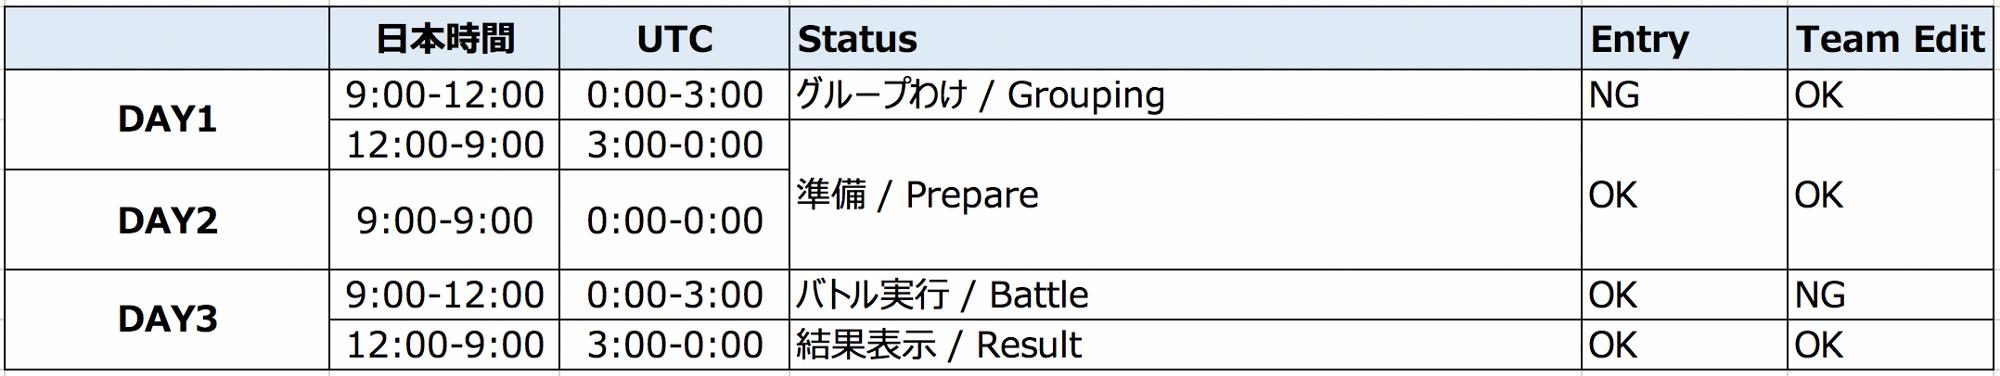 マイクリ マイクリプトヒーローズ ランドバトル フラッグ戦 ナイト戦 G5 スケジュール